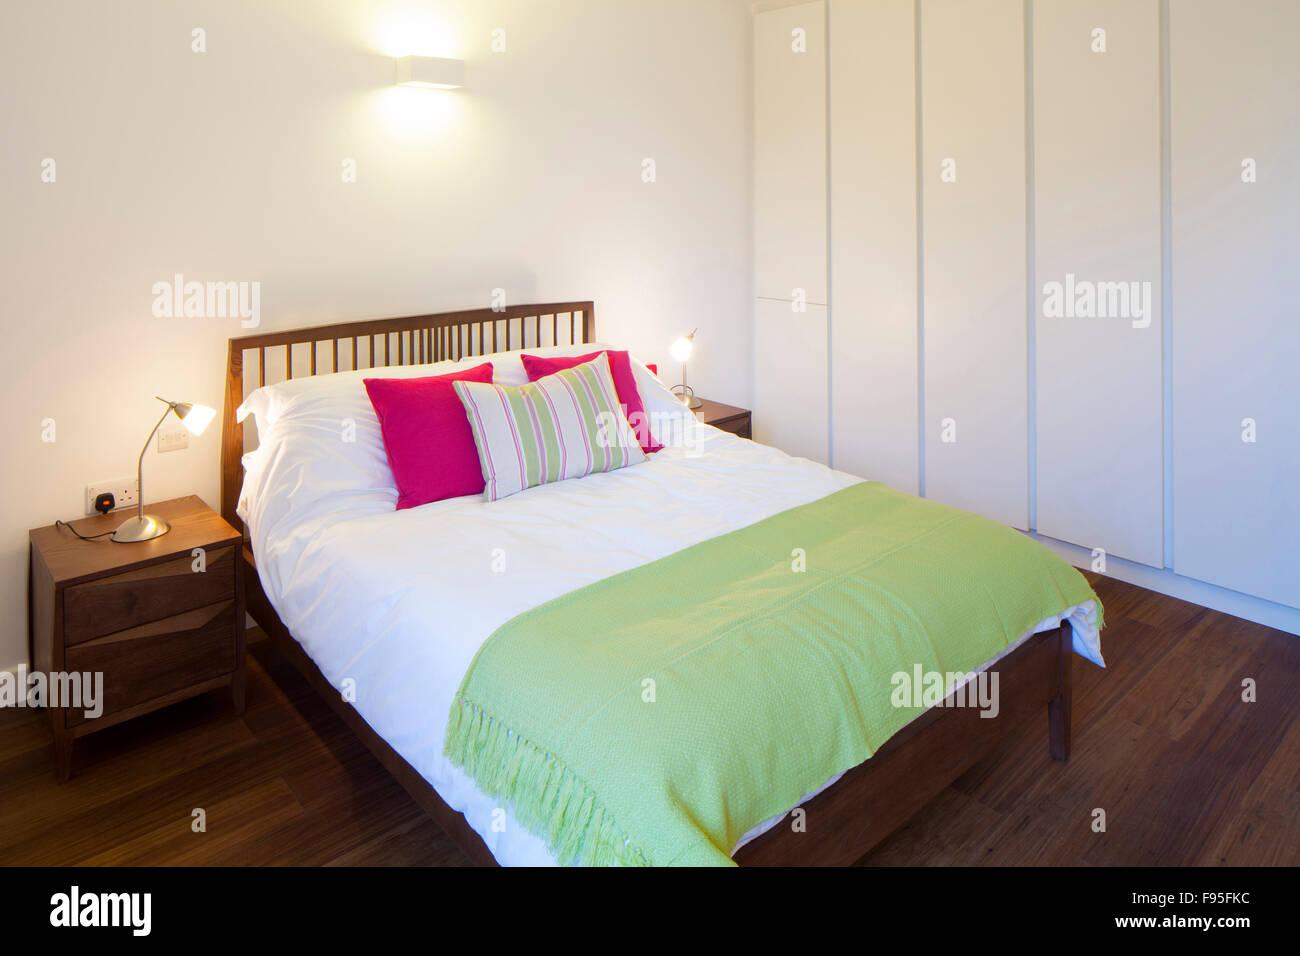 Une place de l'Église, Londres, Royaume-Uni. Chambre avec plancher de bois dans un appartement moderne. Photo Stock